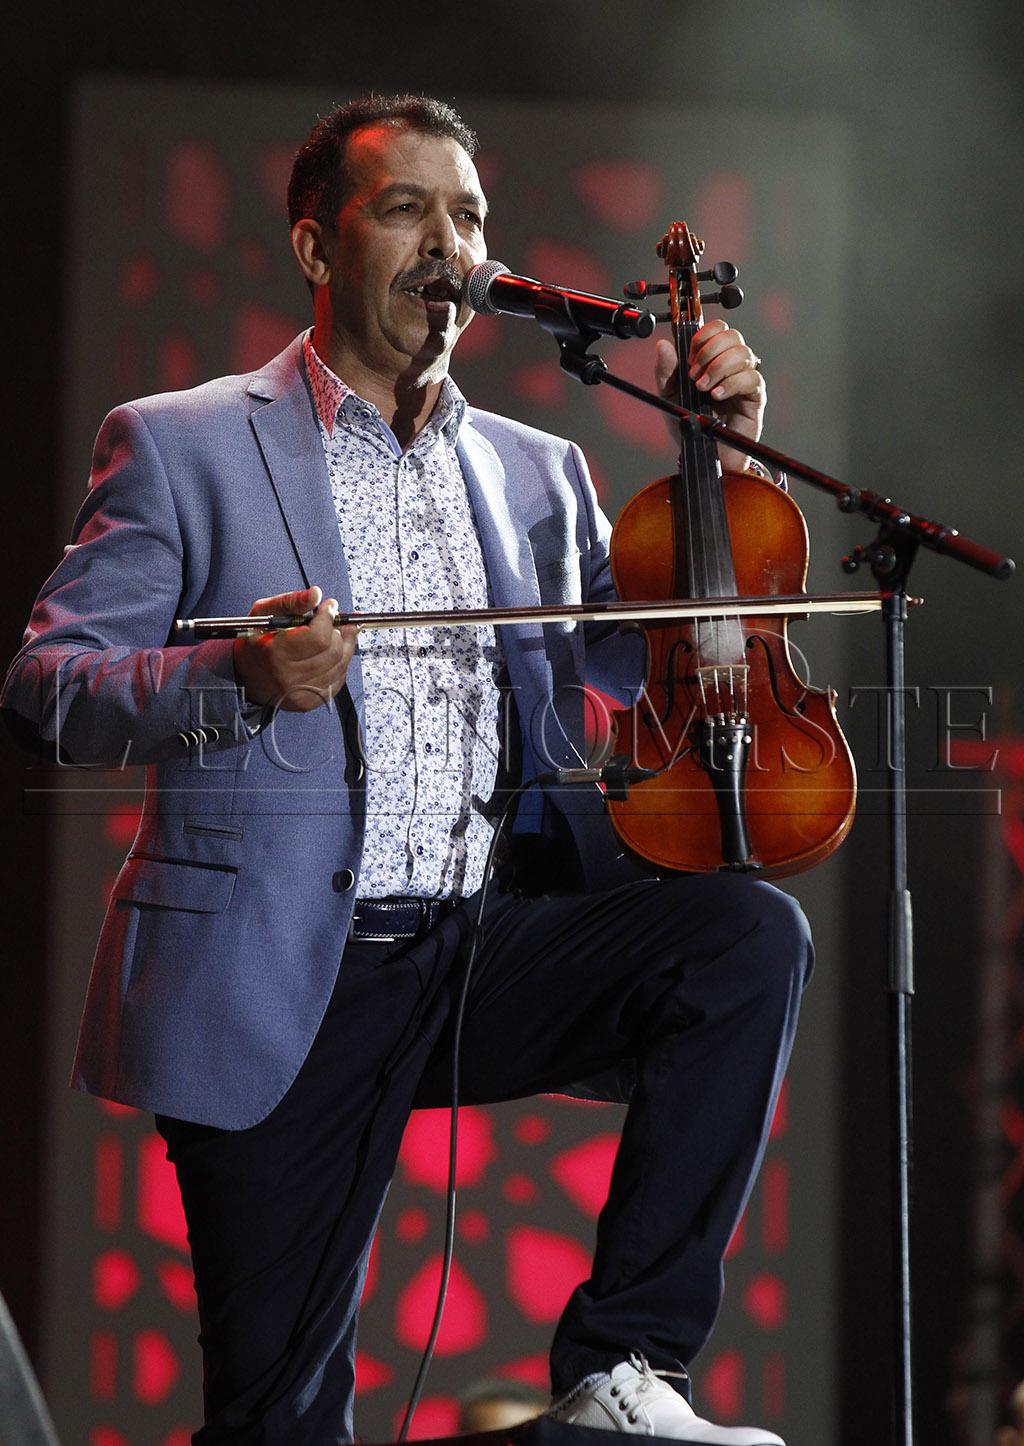 Mustafa Oumguil